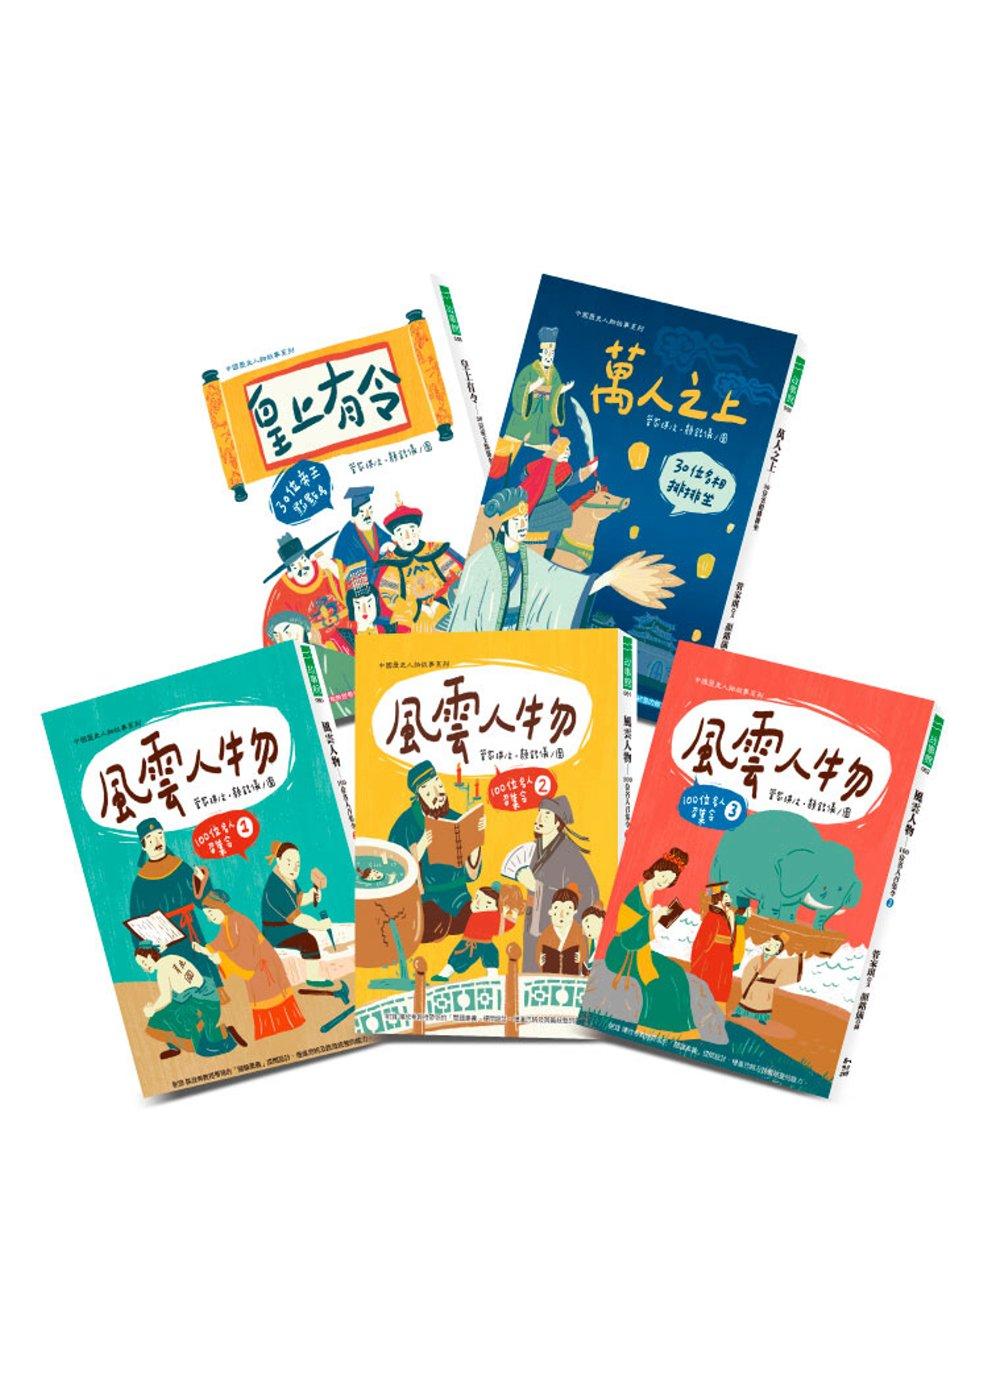 中國歷史人物故事 系列套書:皇上有令+萬人之上+風雲人物1、2、3(5冊)